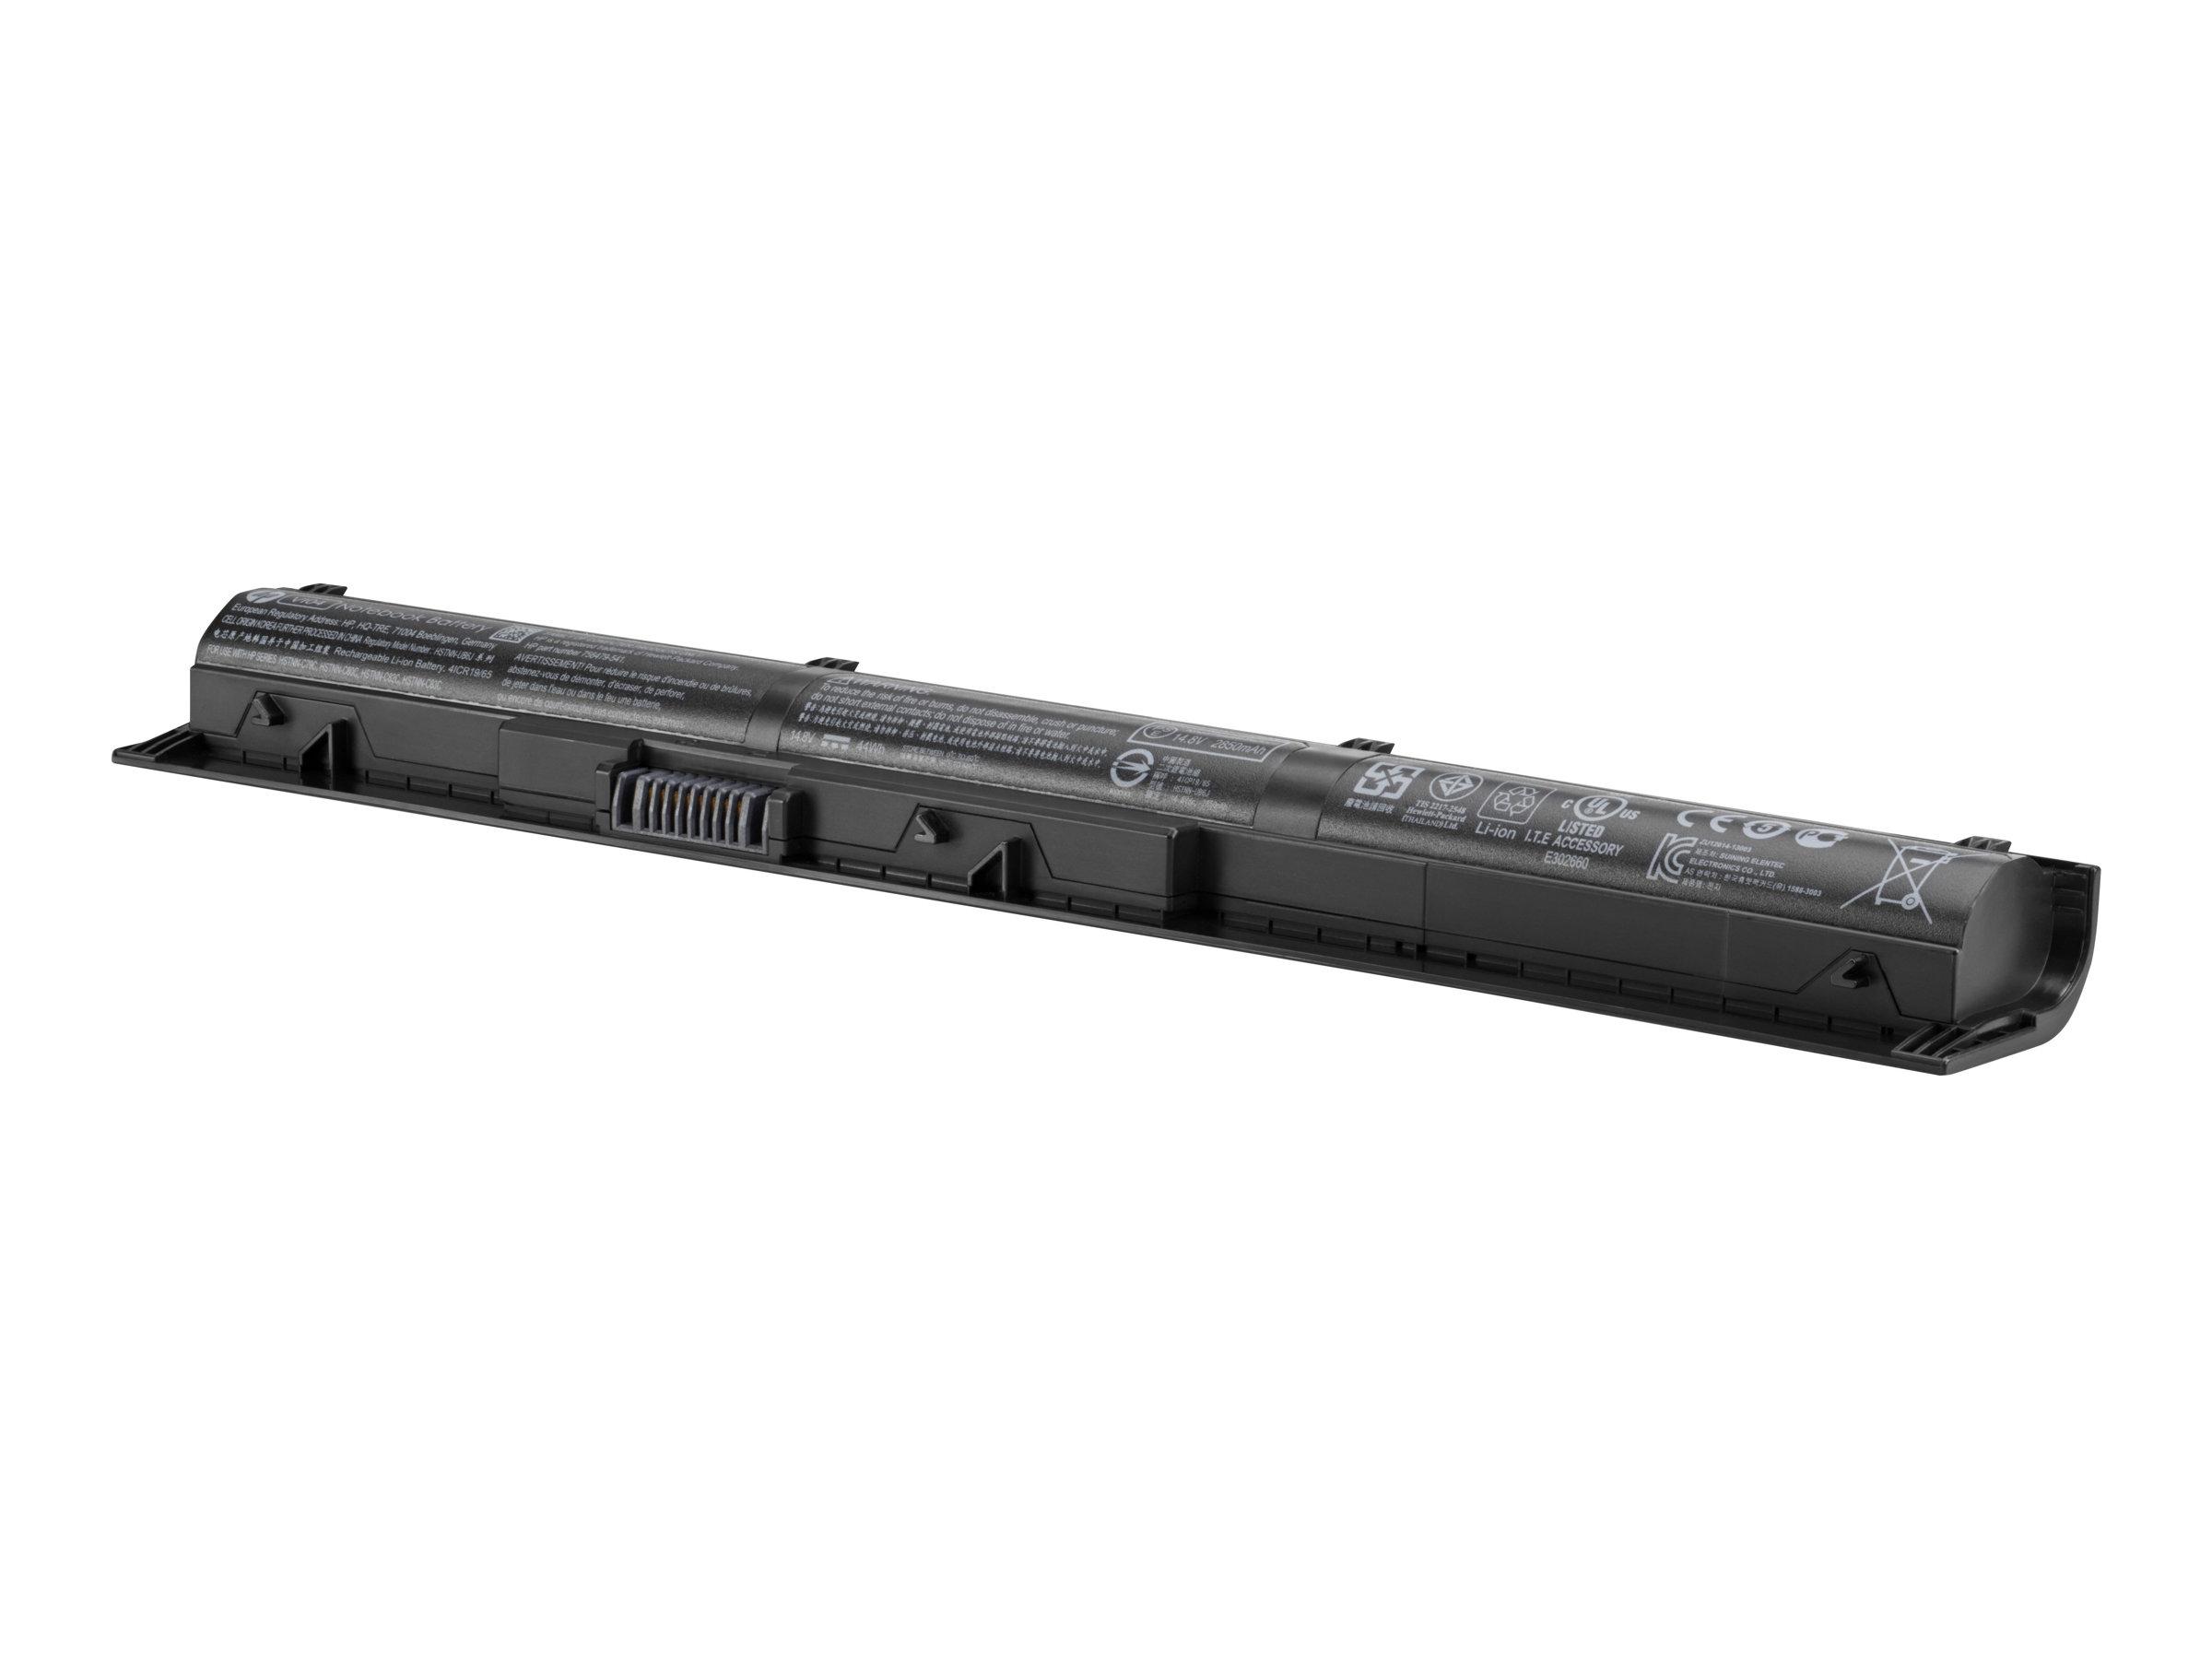 HP VI04XL - Laptop-Batterie (Long Life) - 1 x Lithium-Ionen 4 Zellen 2800 mAh 40 Wh - für ProBook 440 G2, 450 G2, 455 G2